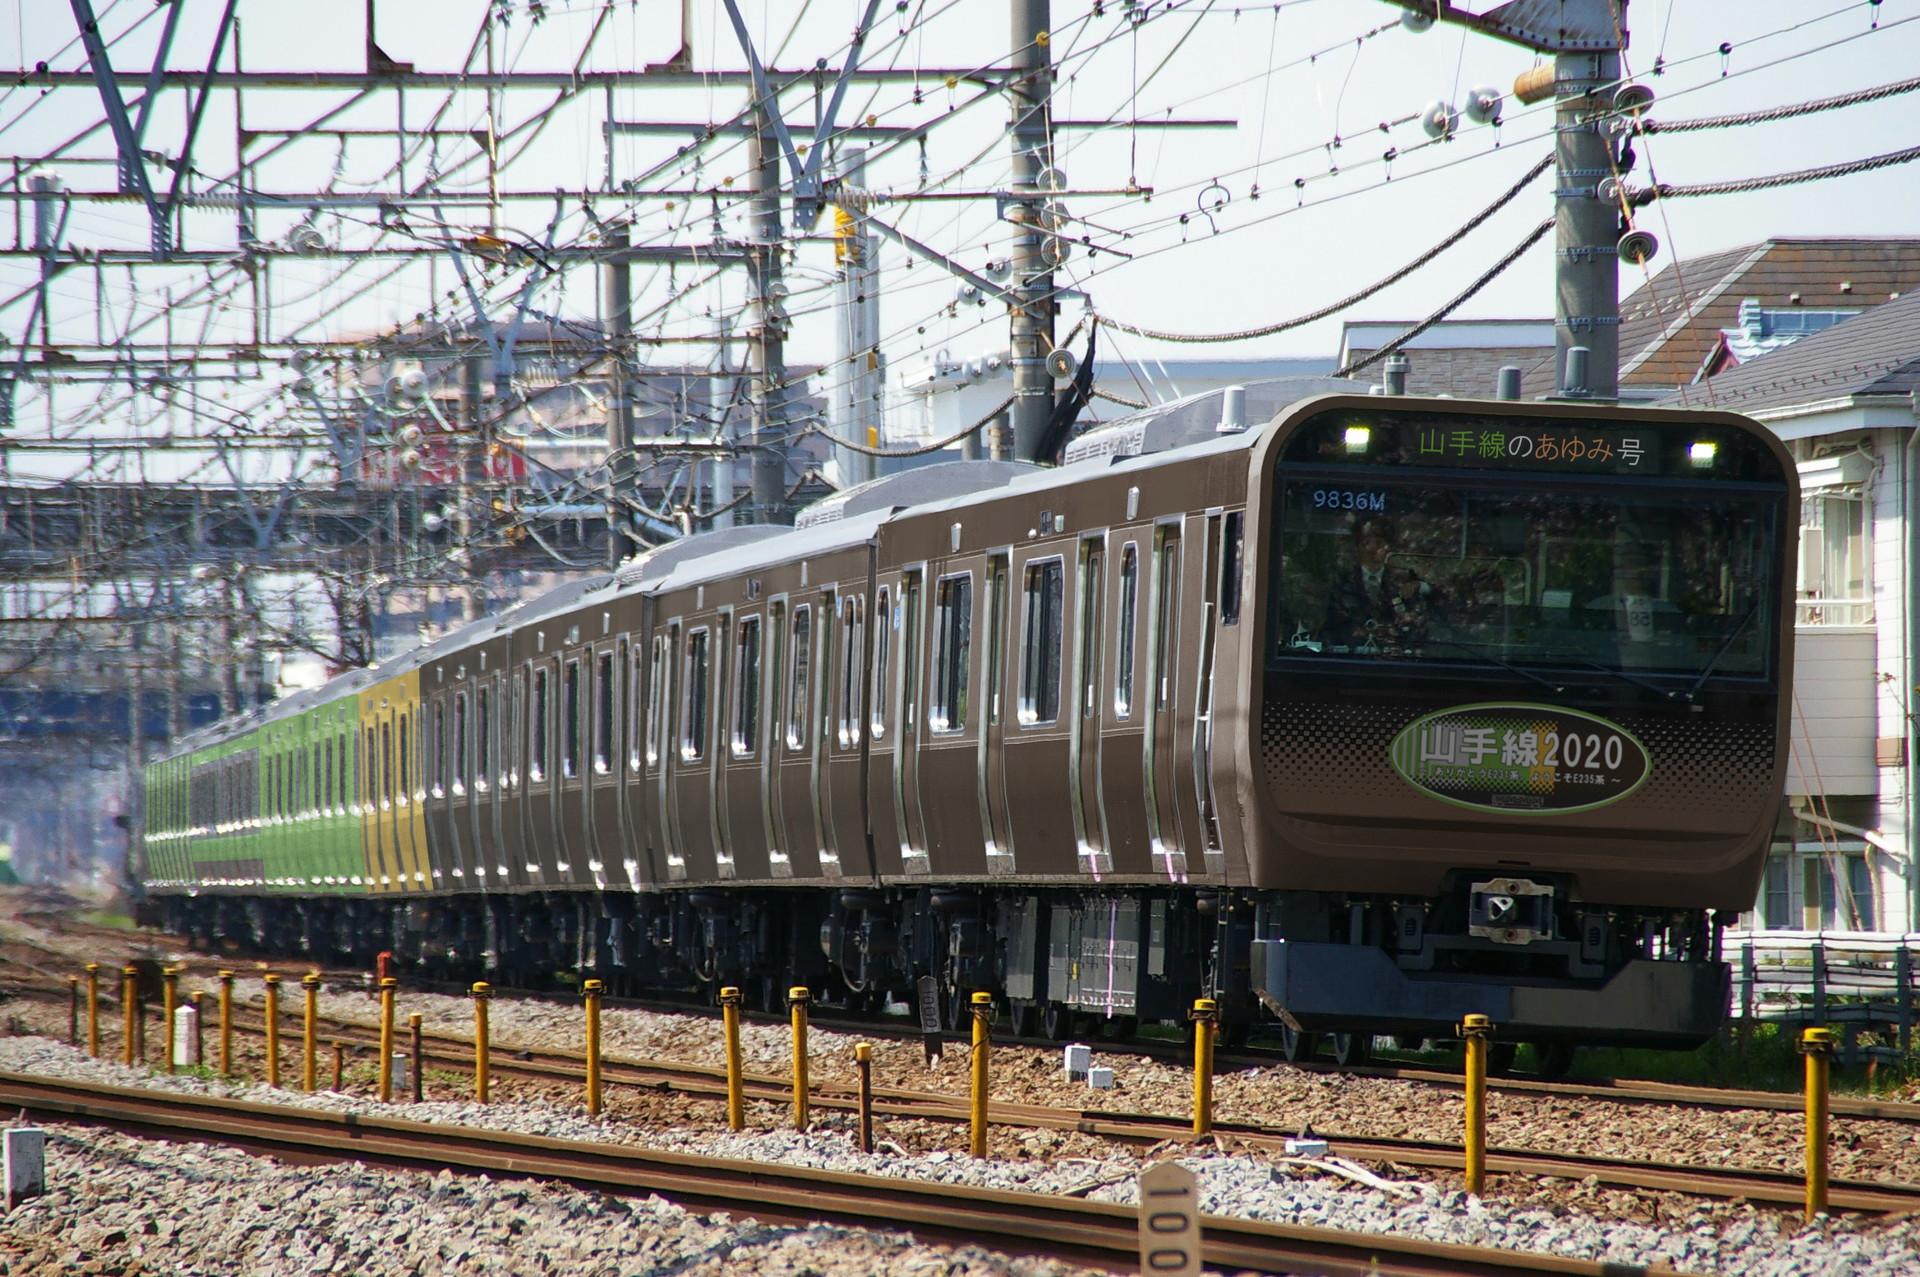 ウソ電 E235系記念列車 山手線のあゆみ号